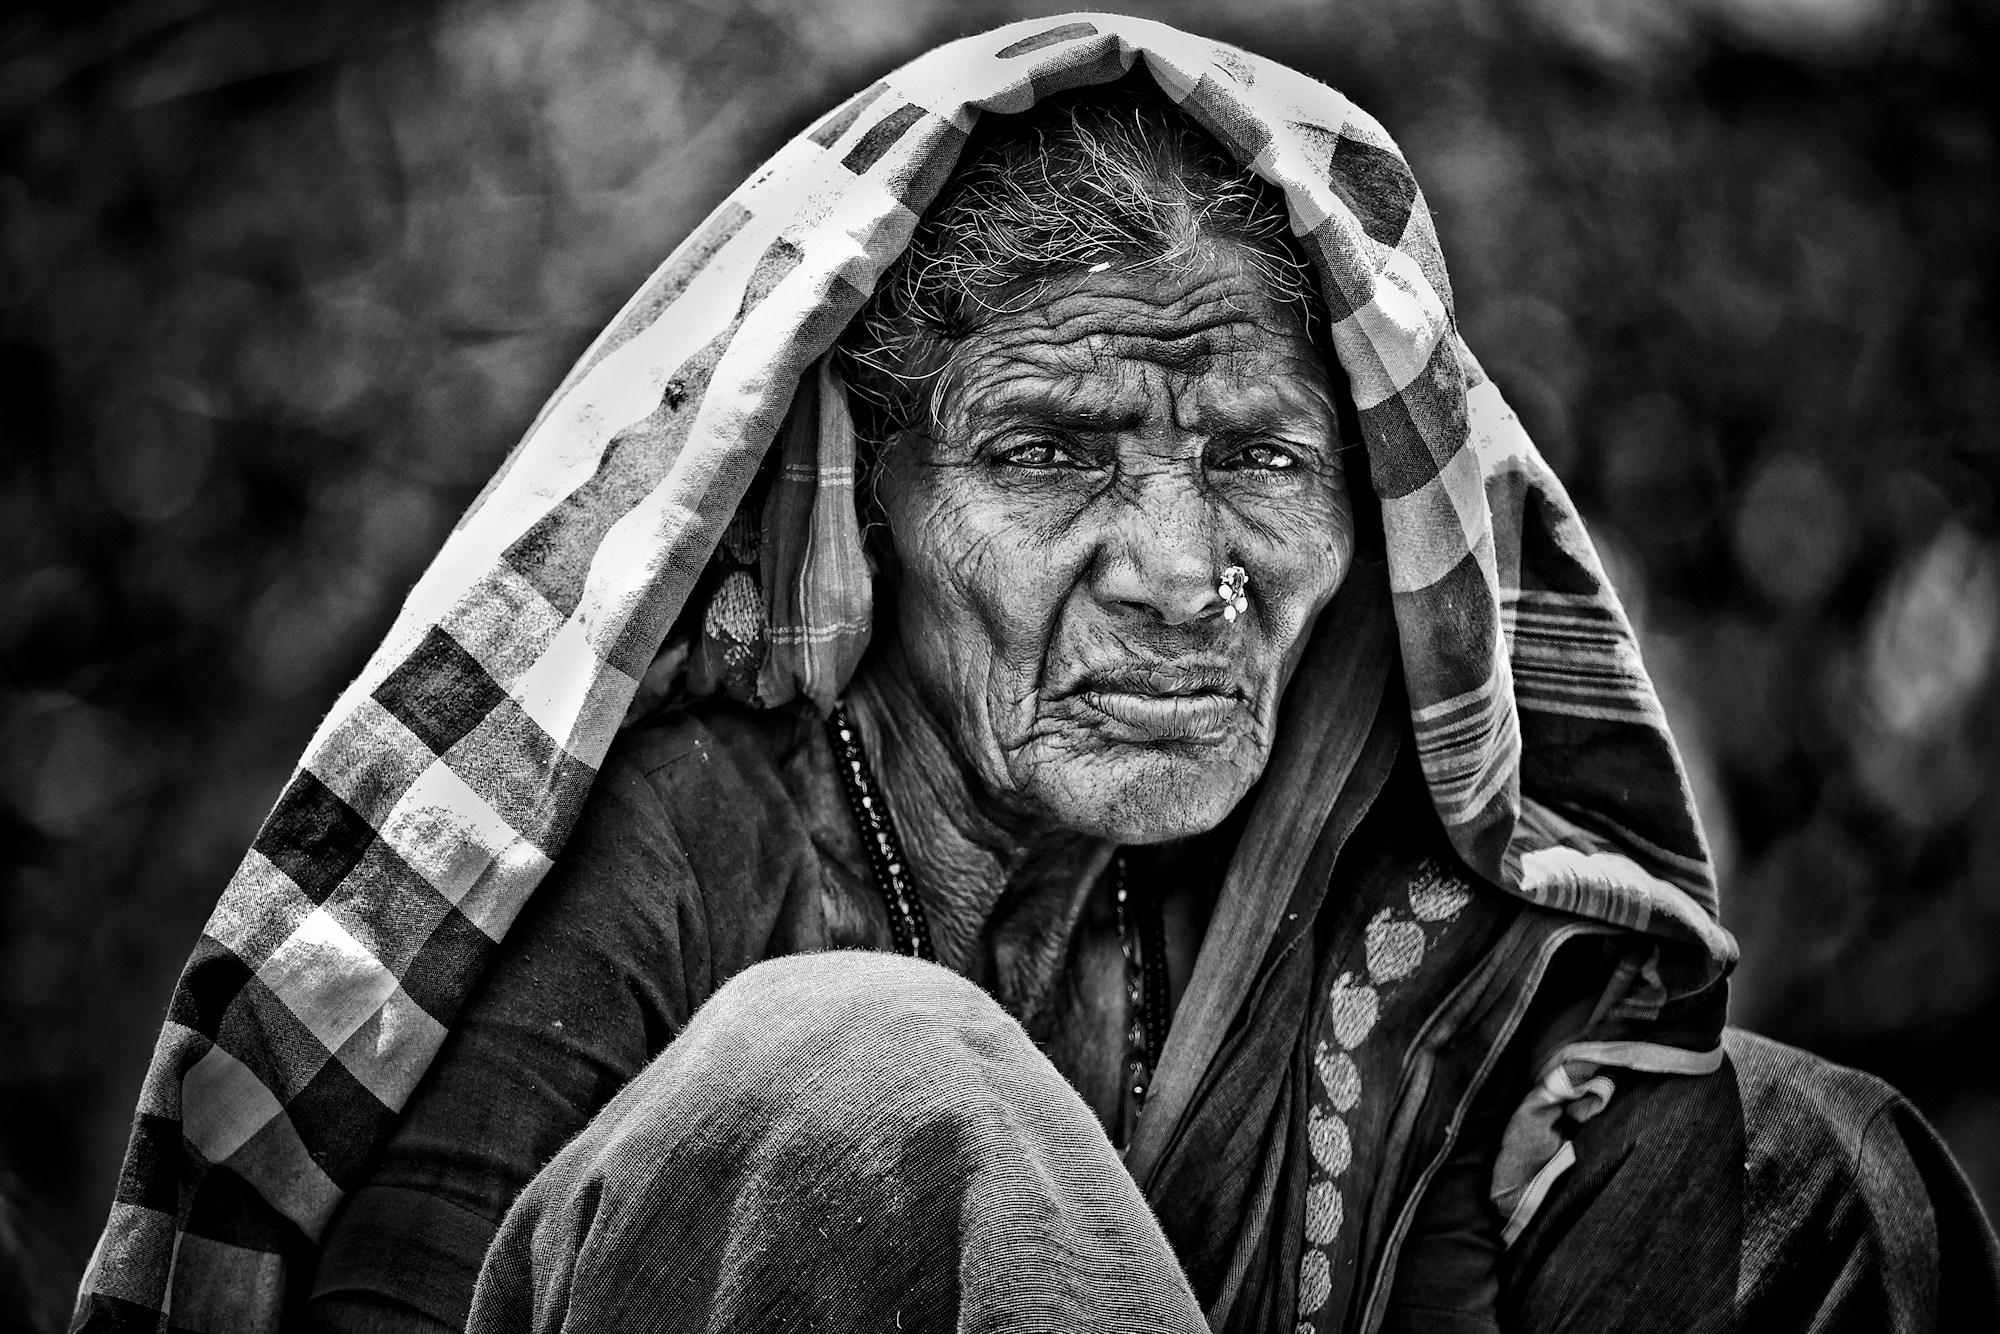 La voyante de Pattadakal 00000113